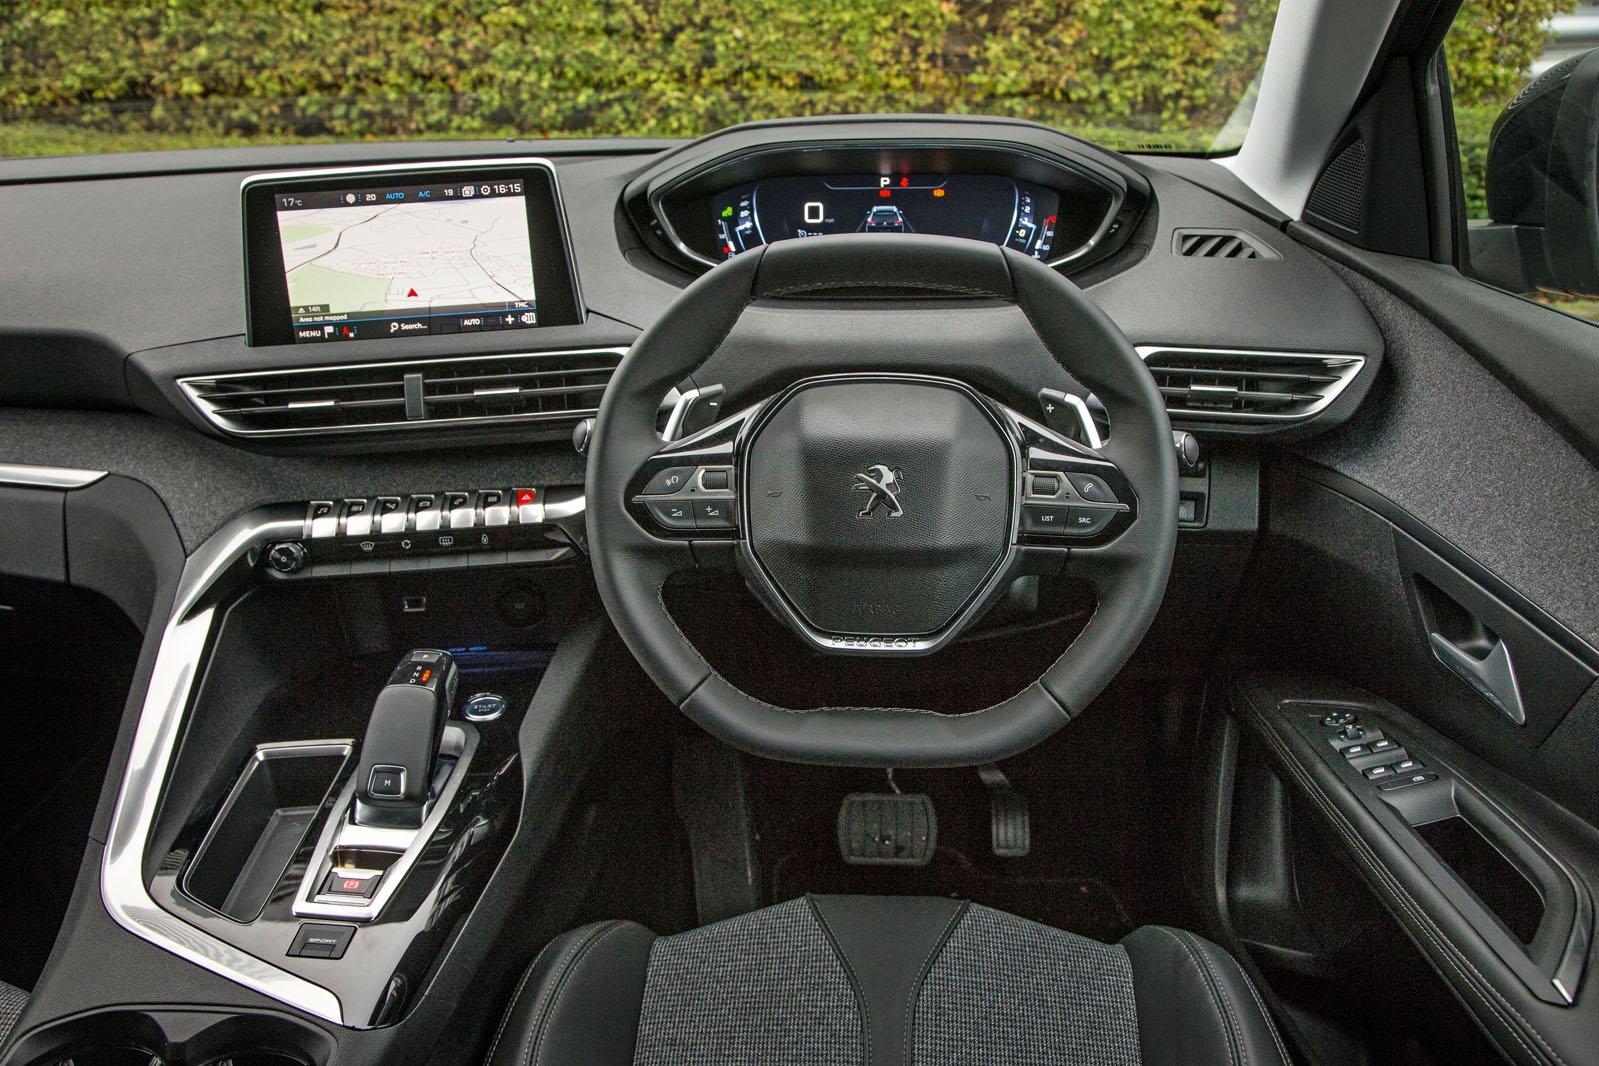 2018 Peugeot 5008 1.6 BlueHDi Allure auto - interior